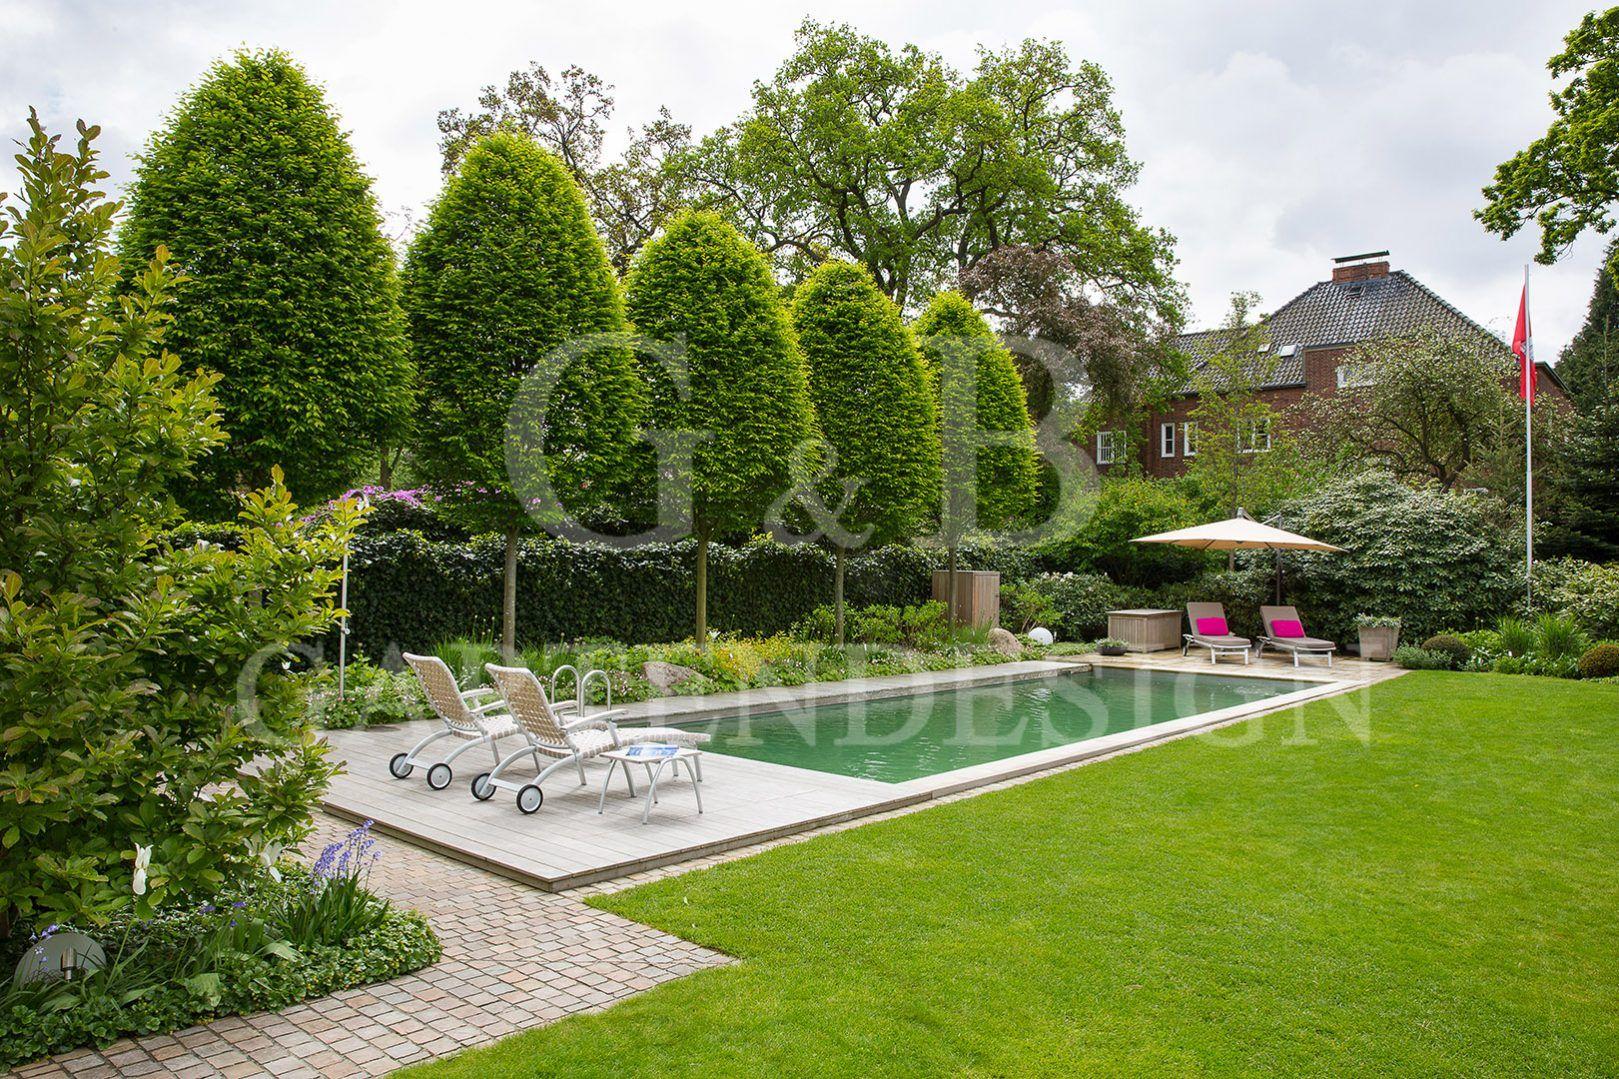 swimmingpool-pool-livingpool-schwimmteich-badeteich-garten-02-e1470161590290.jpg…